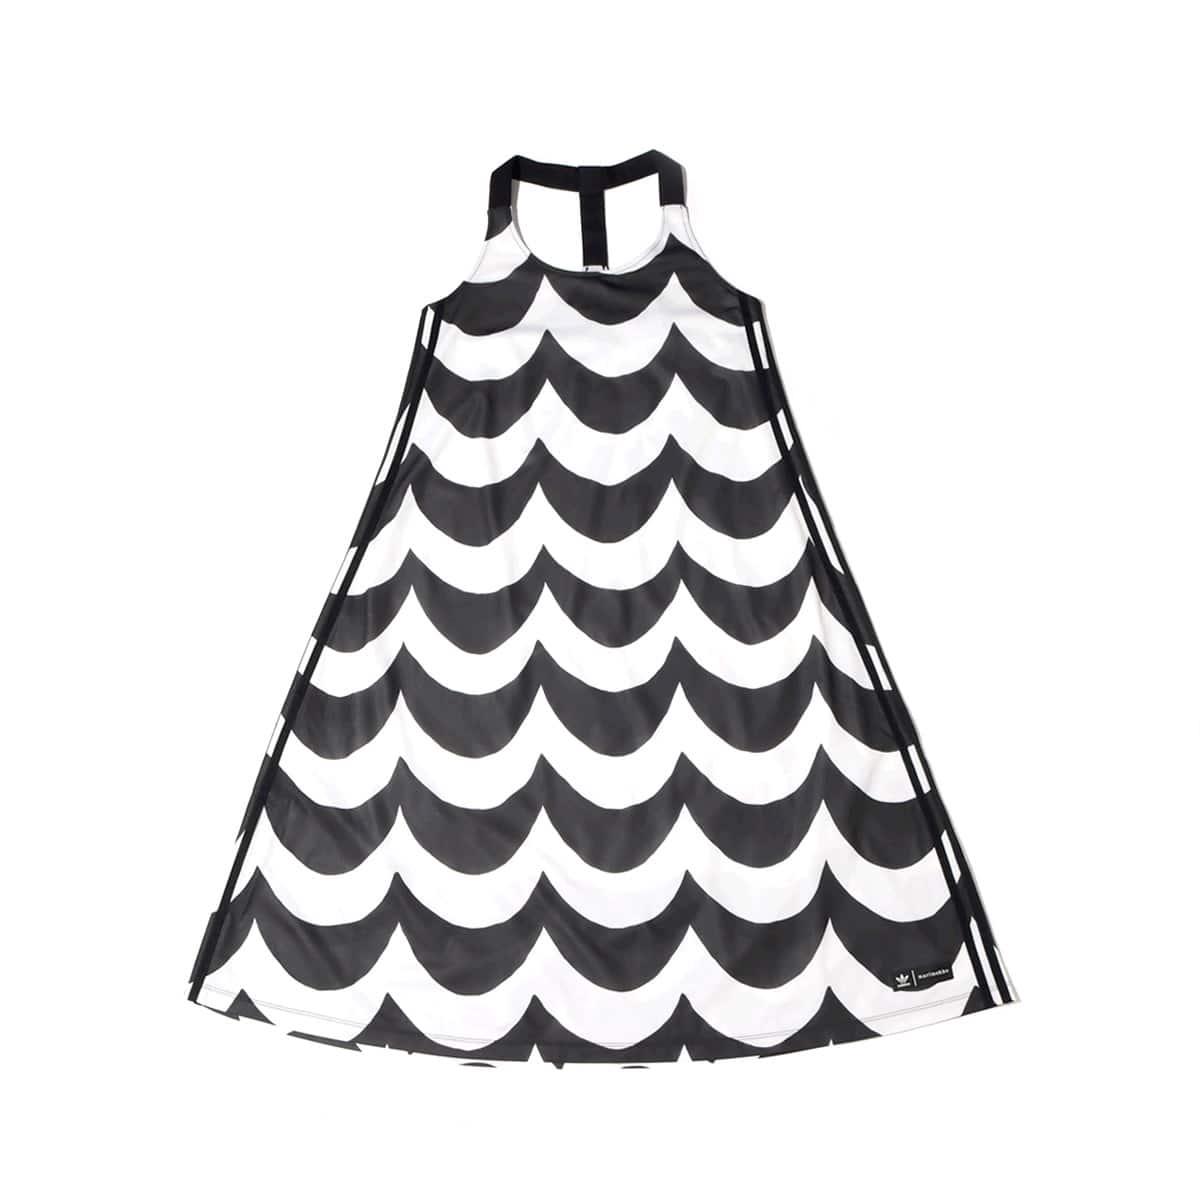 adidas Marimekko TANK DRESS BLACK/WHITE 21FW-I_photo_large